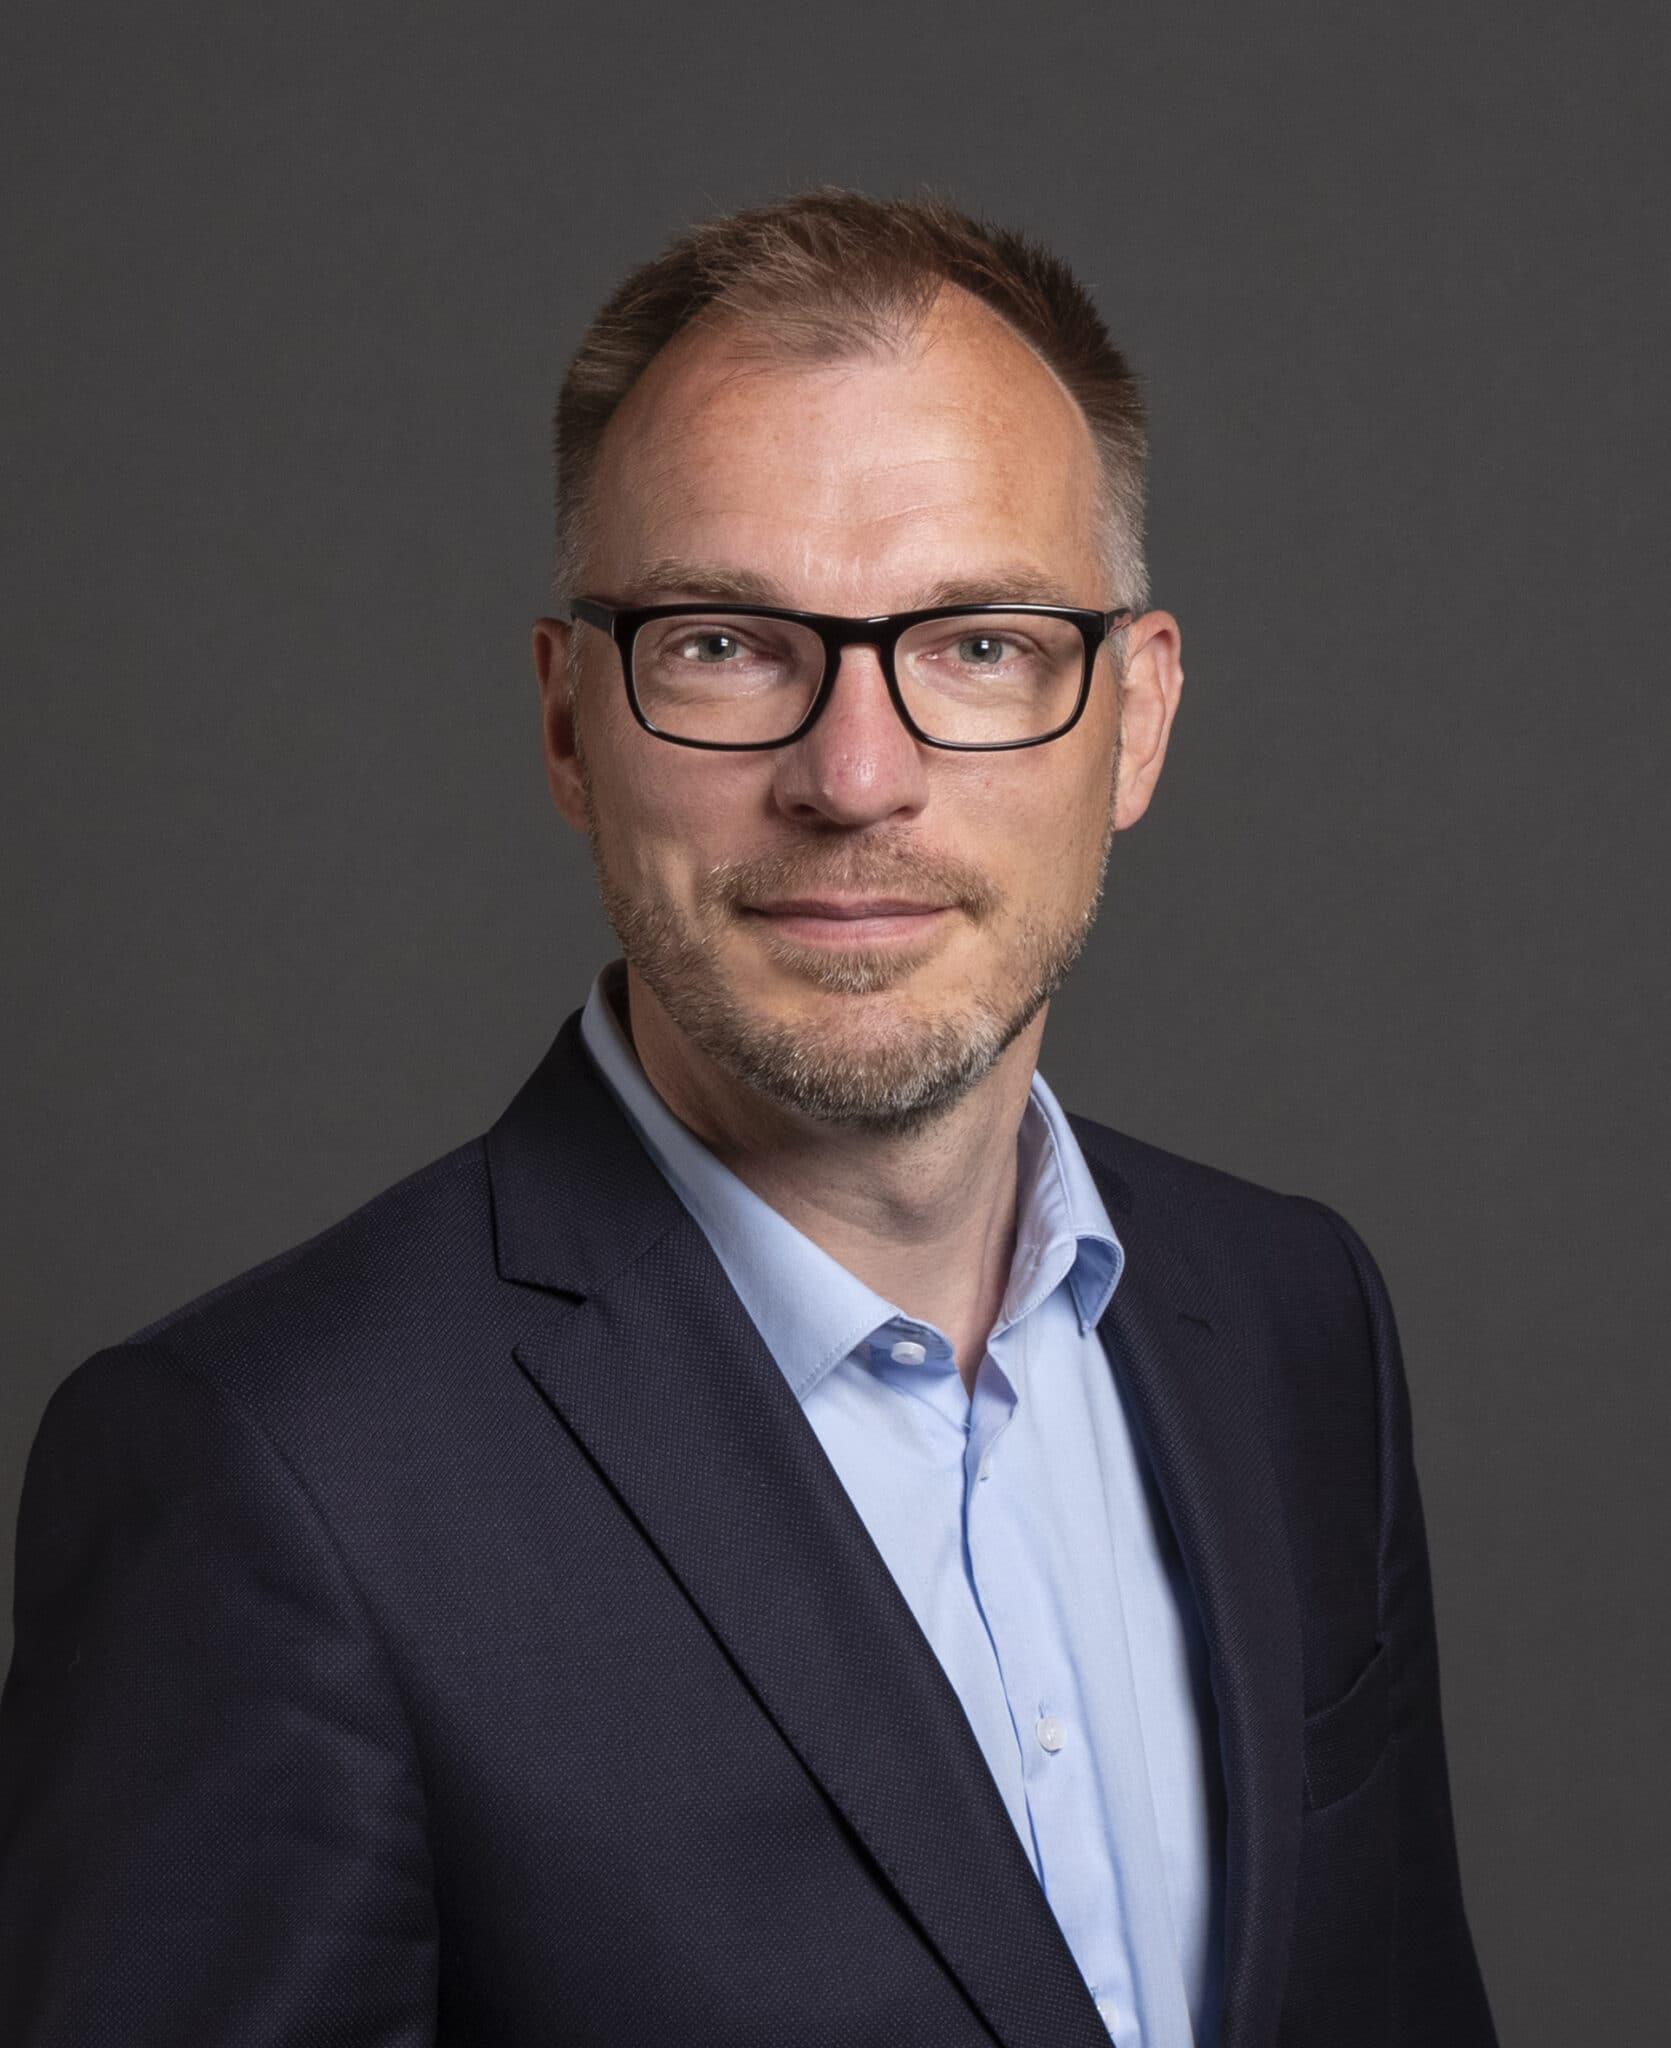 Stefan Walther kümmert sich für die MEISTERWERKE ab sofort um den Objektvertrieb in Norddeutschland. (Bild: MeisterWerke Schulte GmbH)